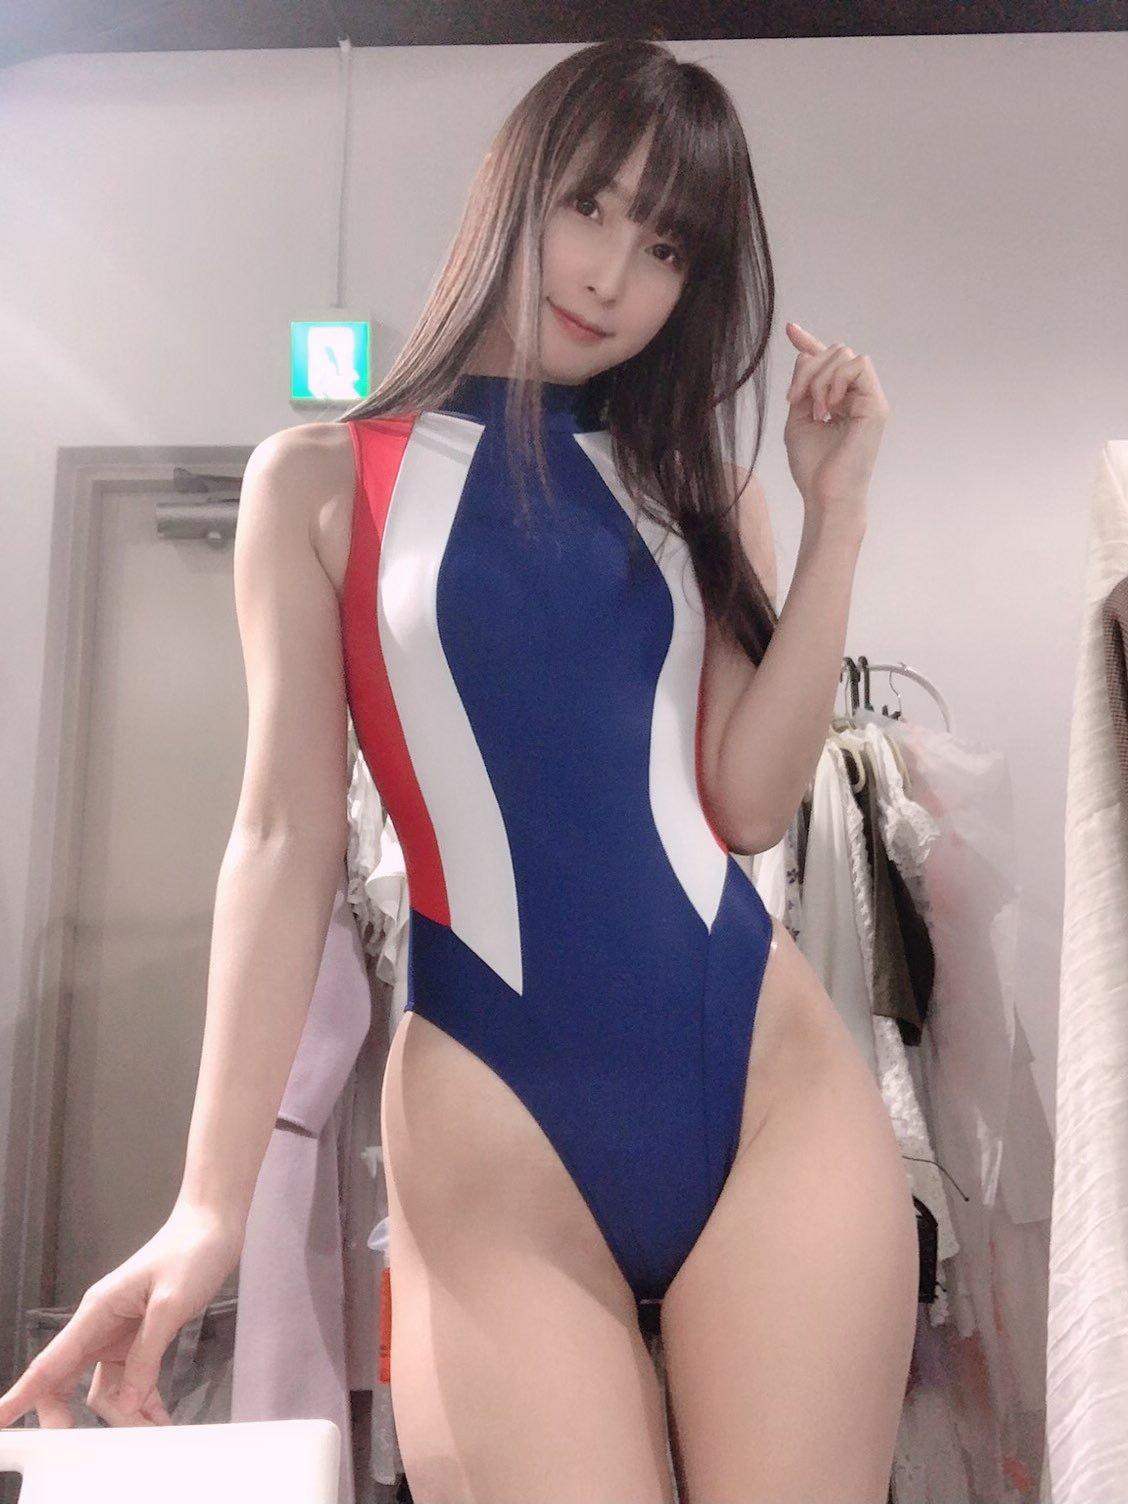 kawasaki__aya 1235565370678755333_p1